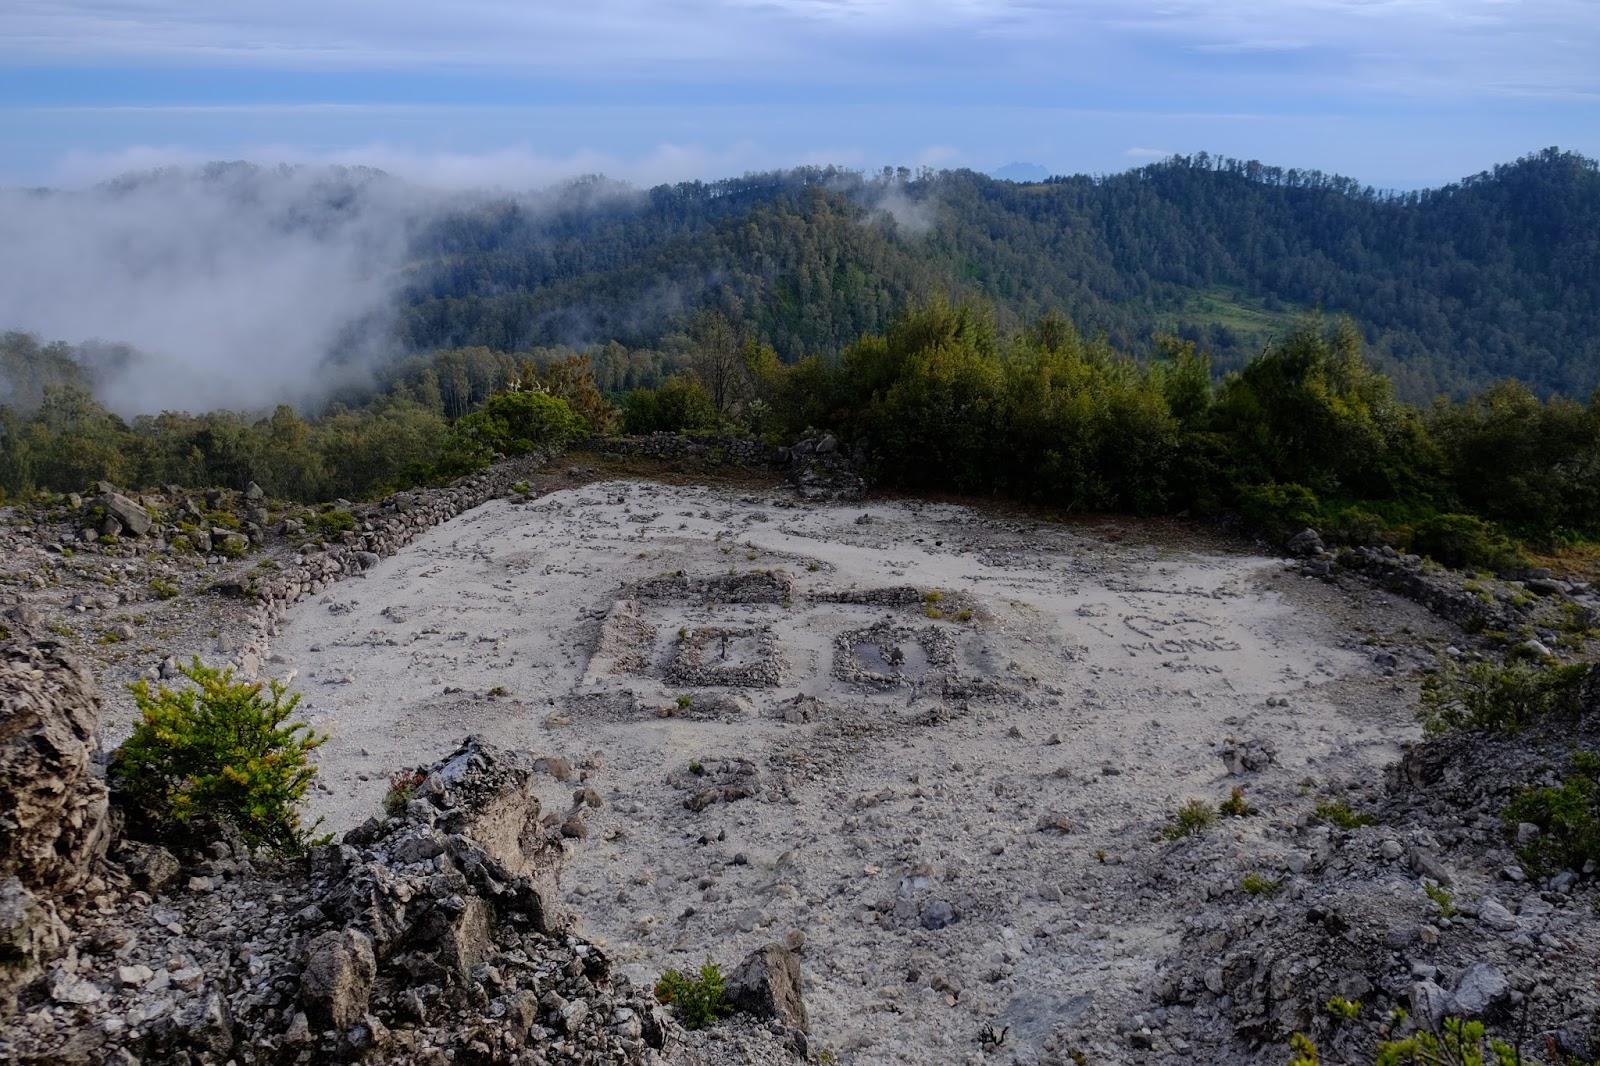 Berkenalan Argopuro Trek Terpanjang Se Jawa Ardiyanta Bekas Pondasi Candi